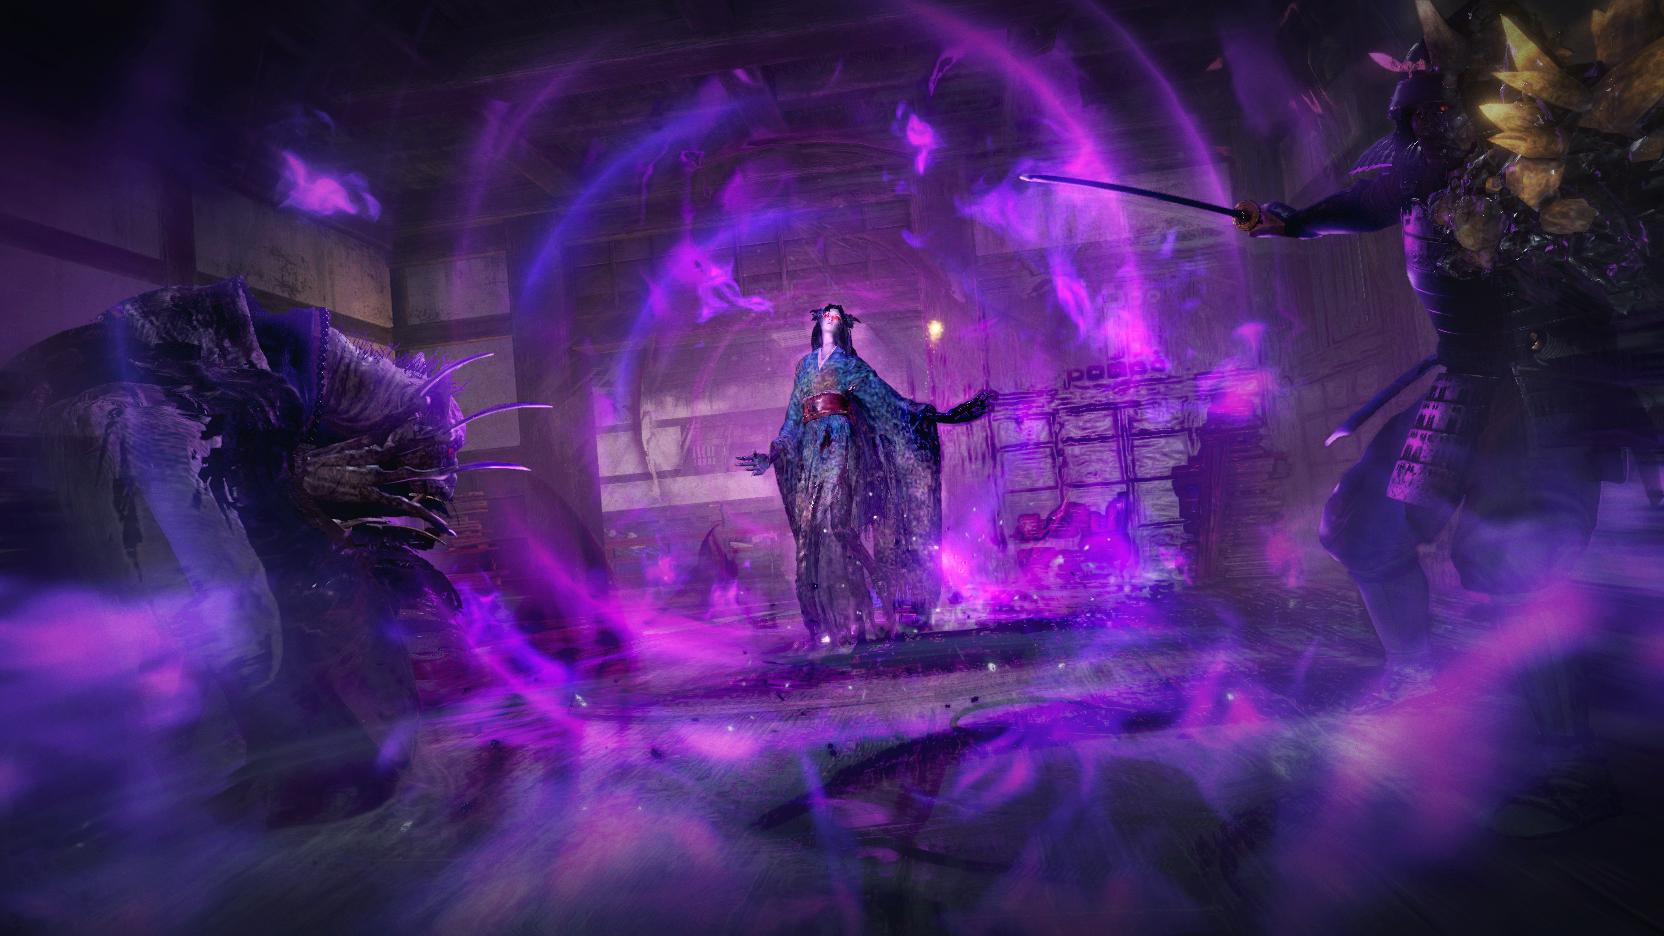 《仁王2》公布新妖怪技反木绵和姑获鸟 效果各有特色